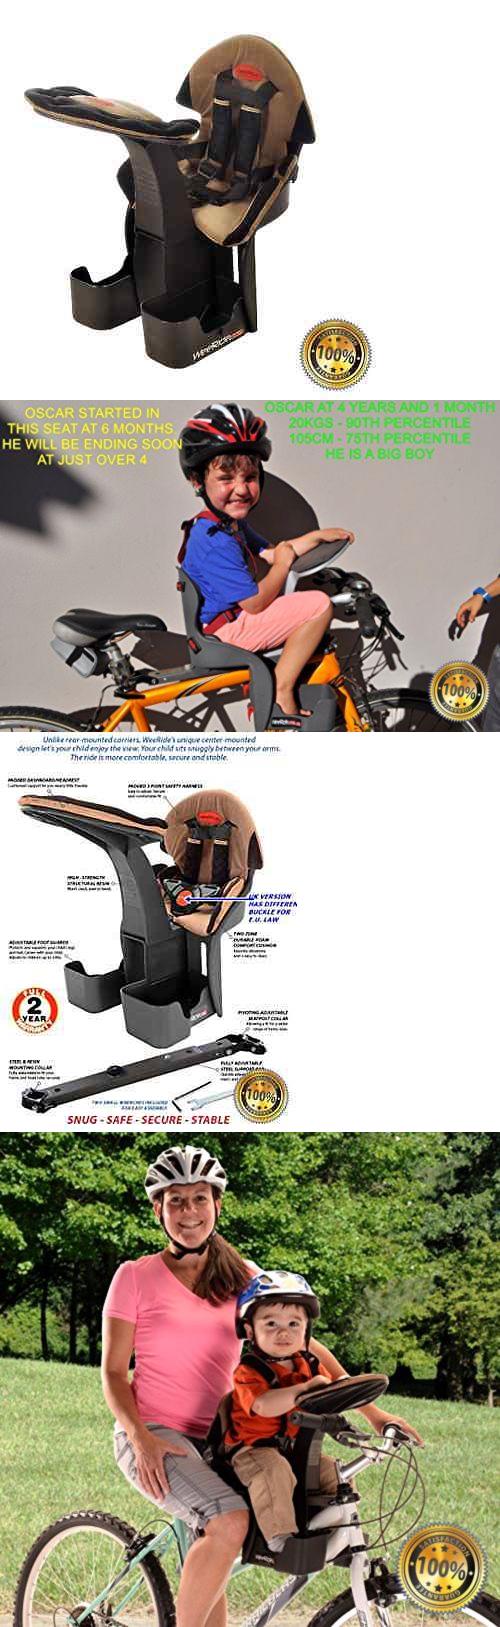 Baby Child bike seat, Kids seating, Toddler safety